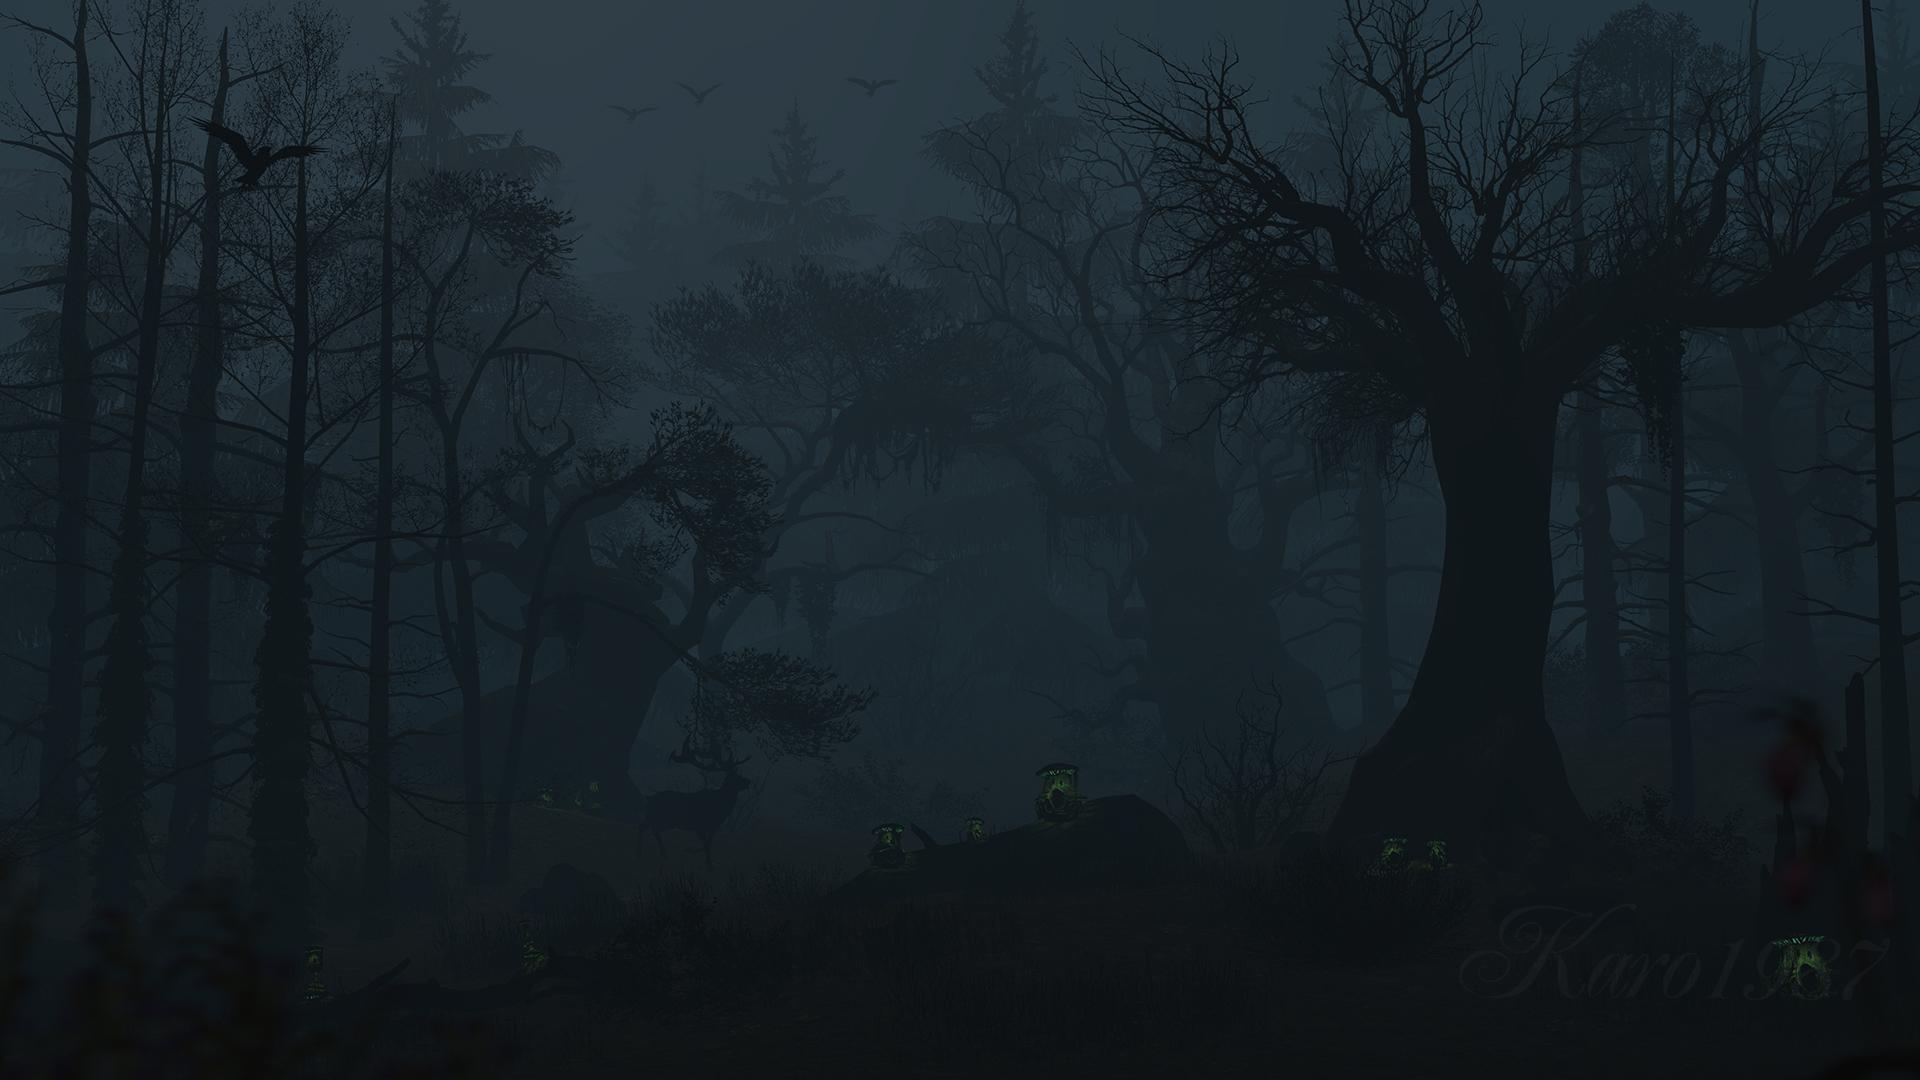 art dark car forest - photo #9